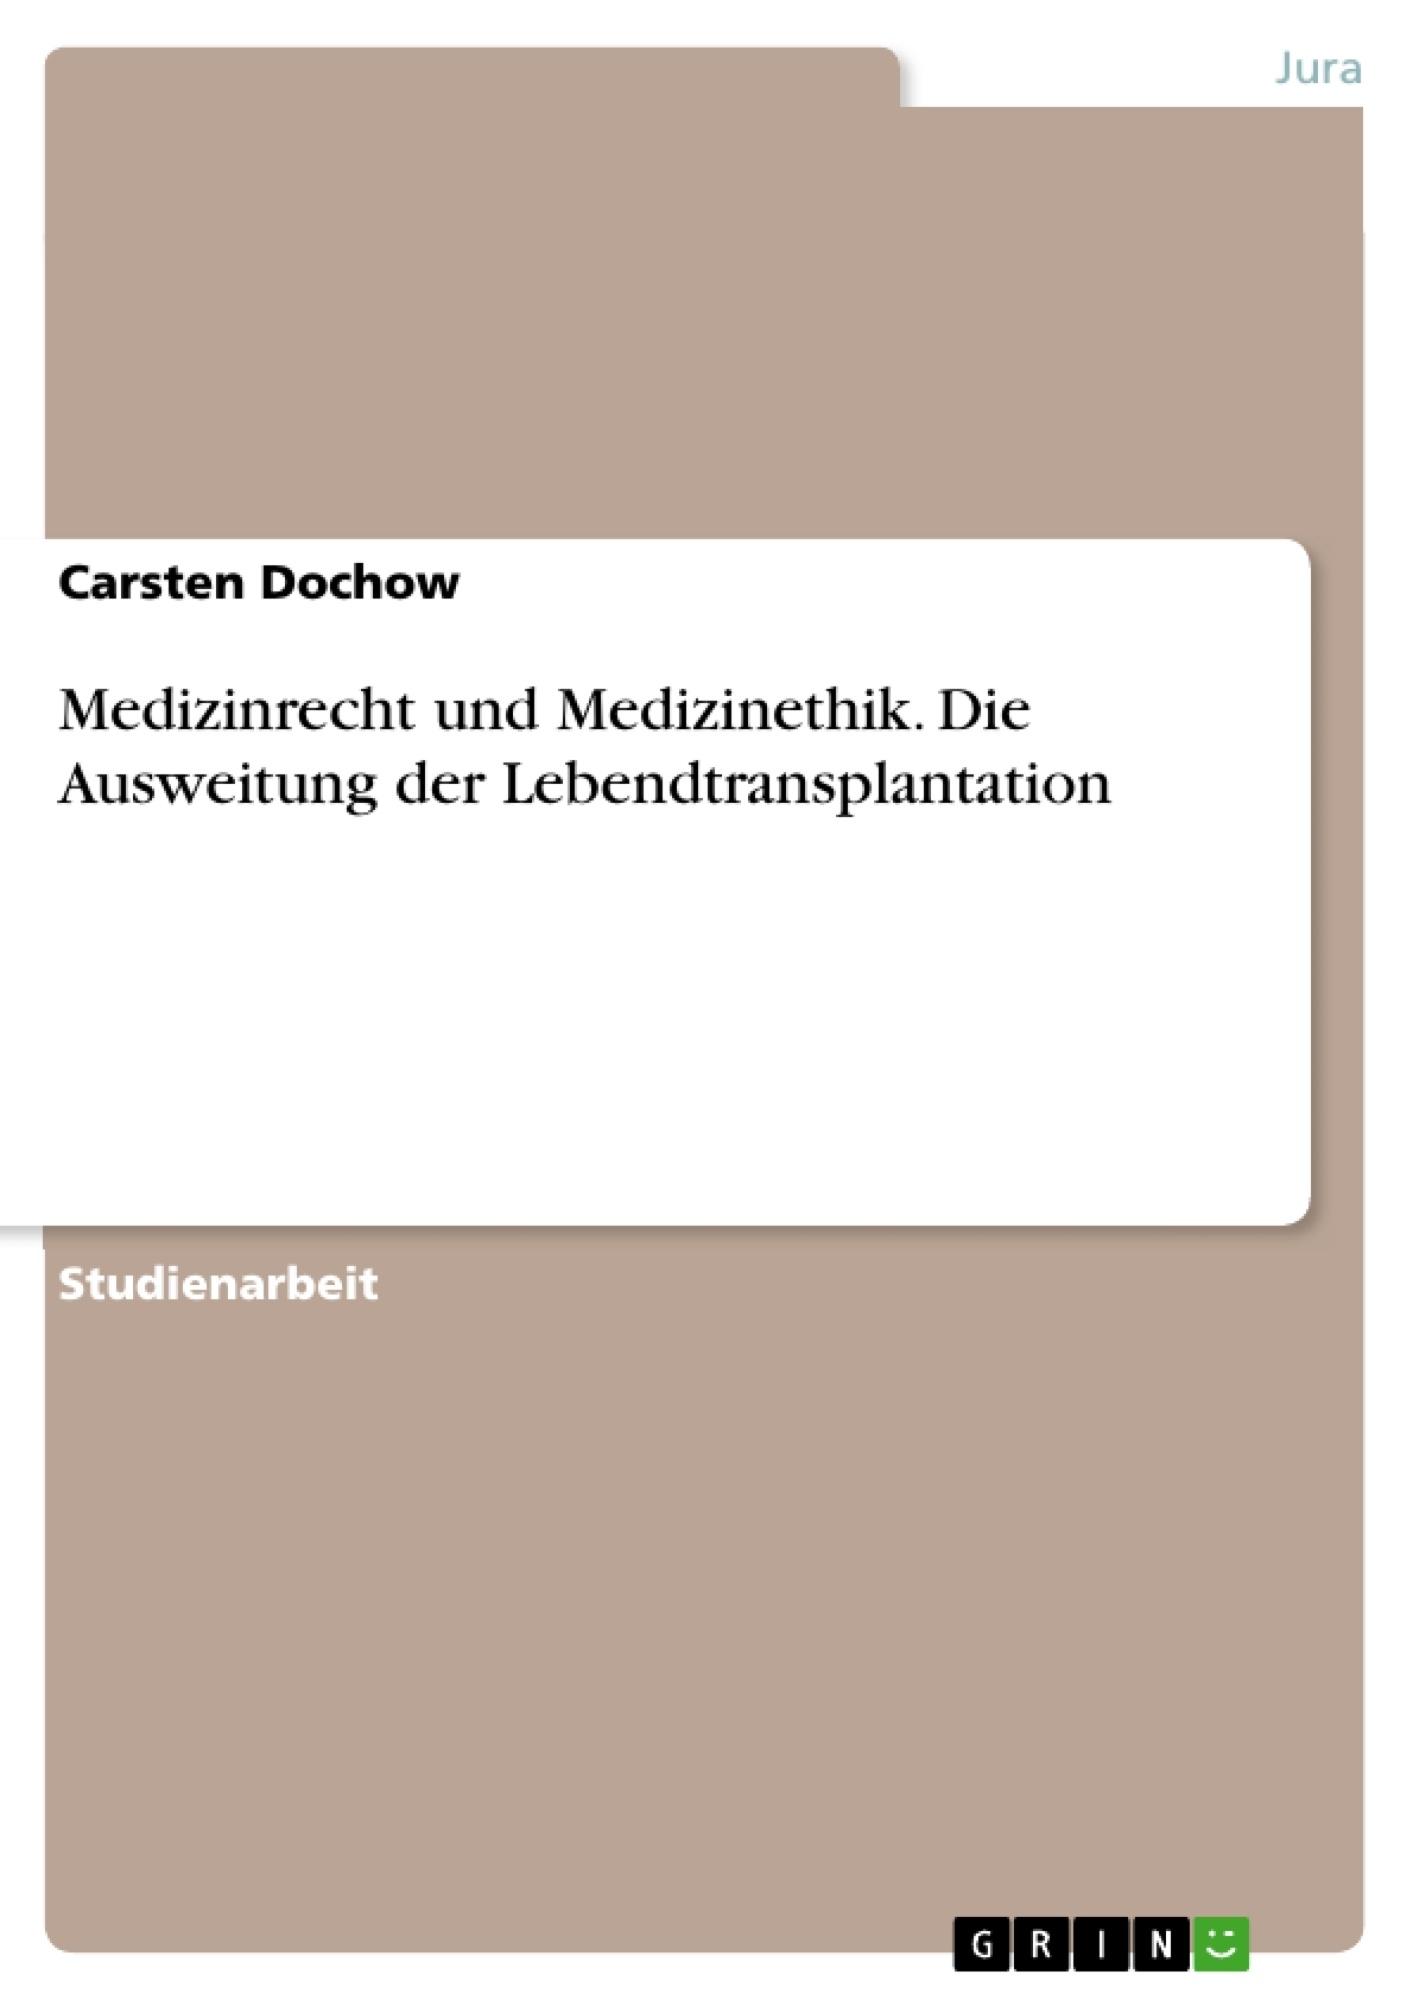 Titel: Medizinrecht und Medizinethik. Die Ausweitung der Lebendtransplantation